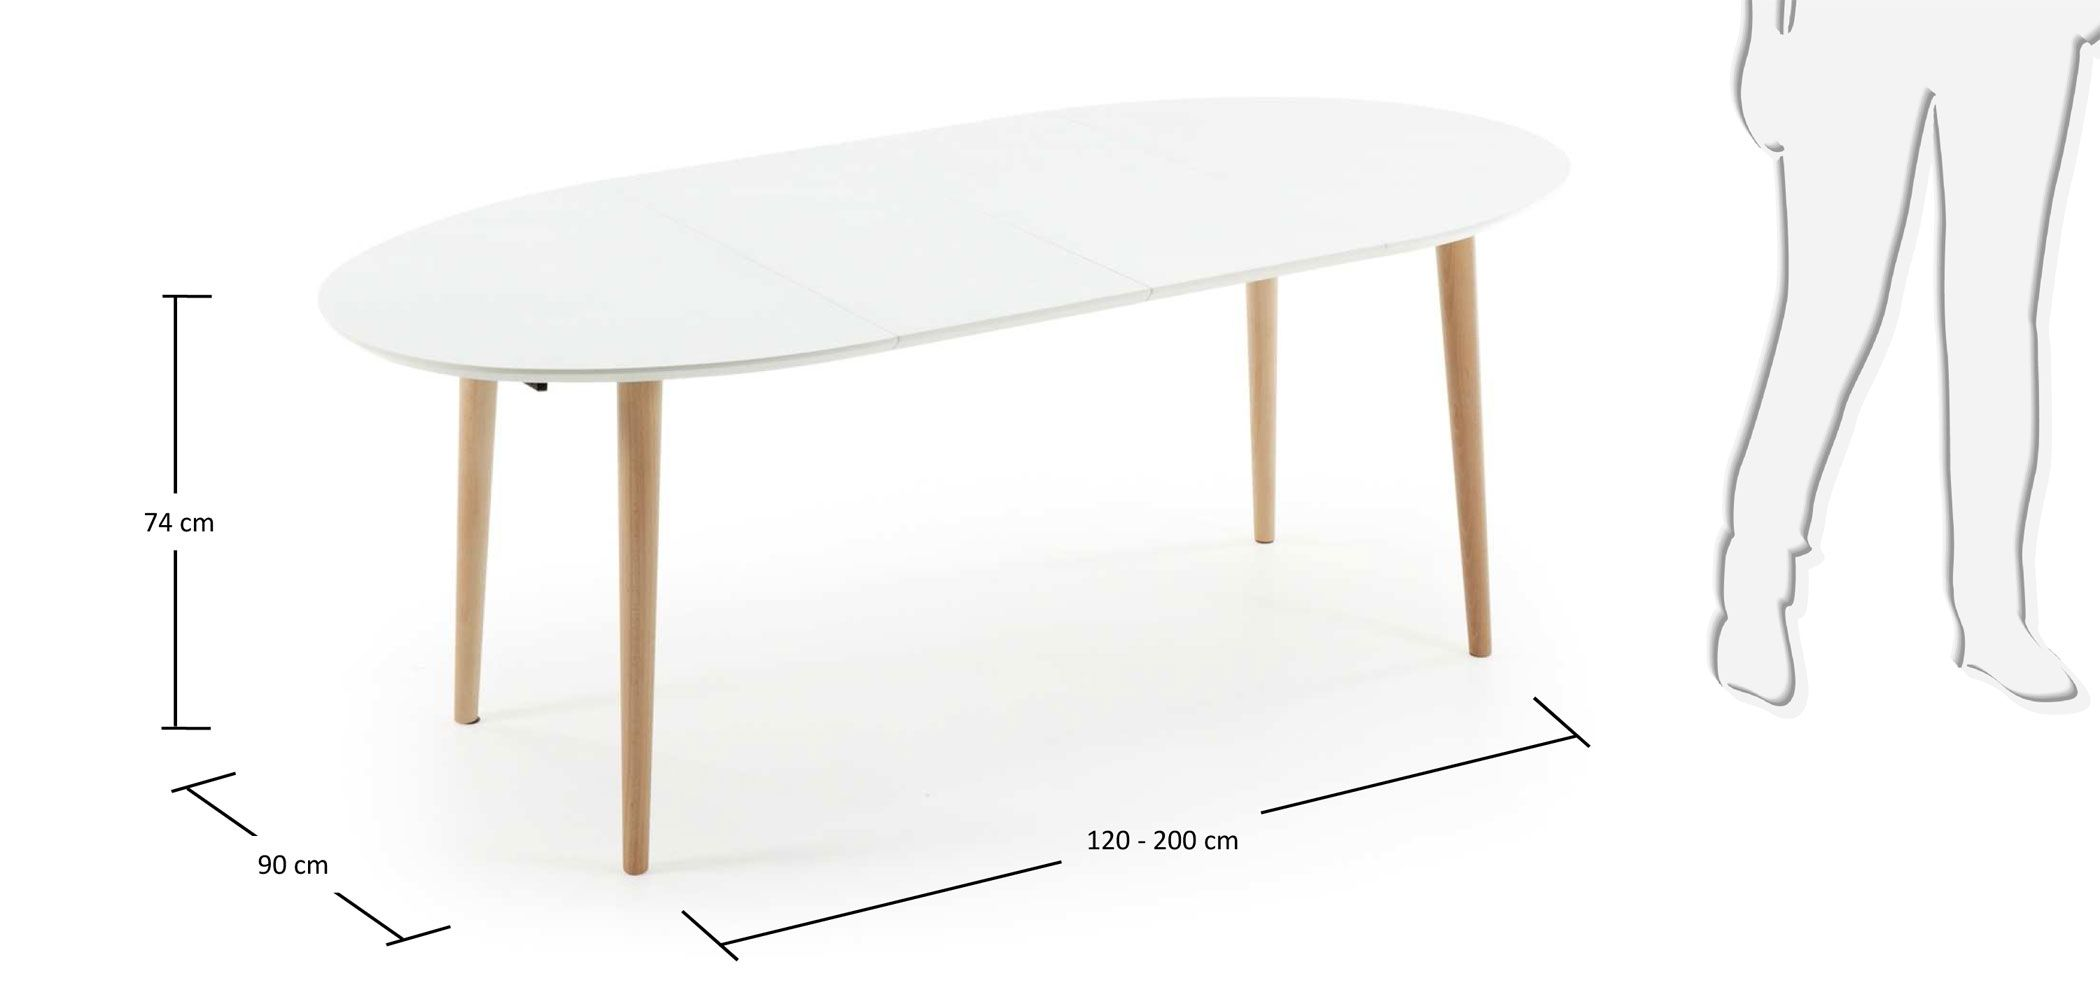 Mesa de comedor ovalada extensible nórdica Oqui in 2018 | muebles ...